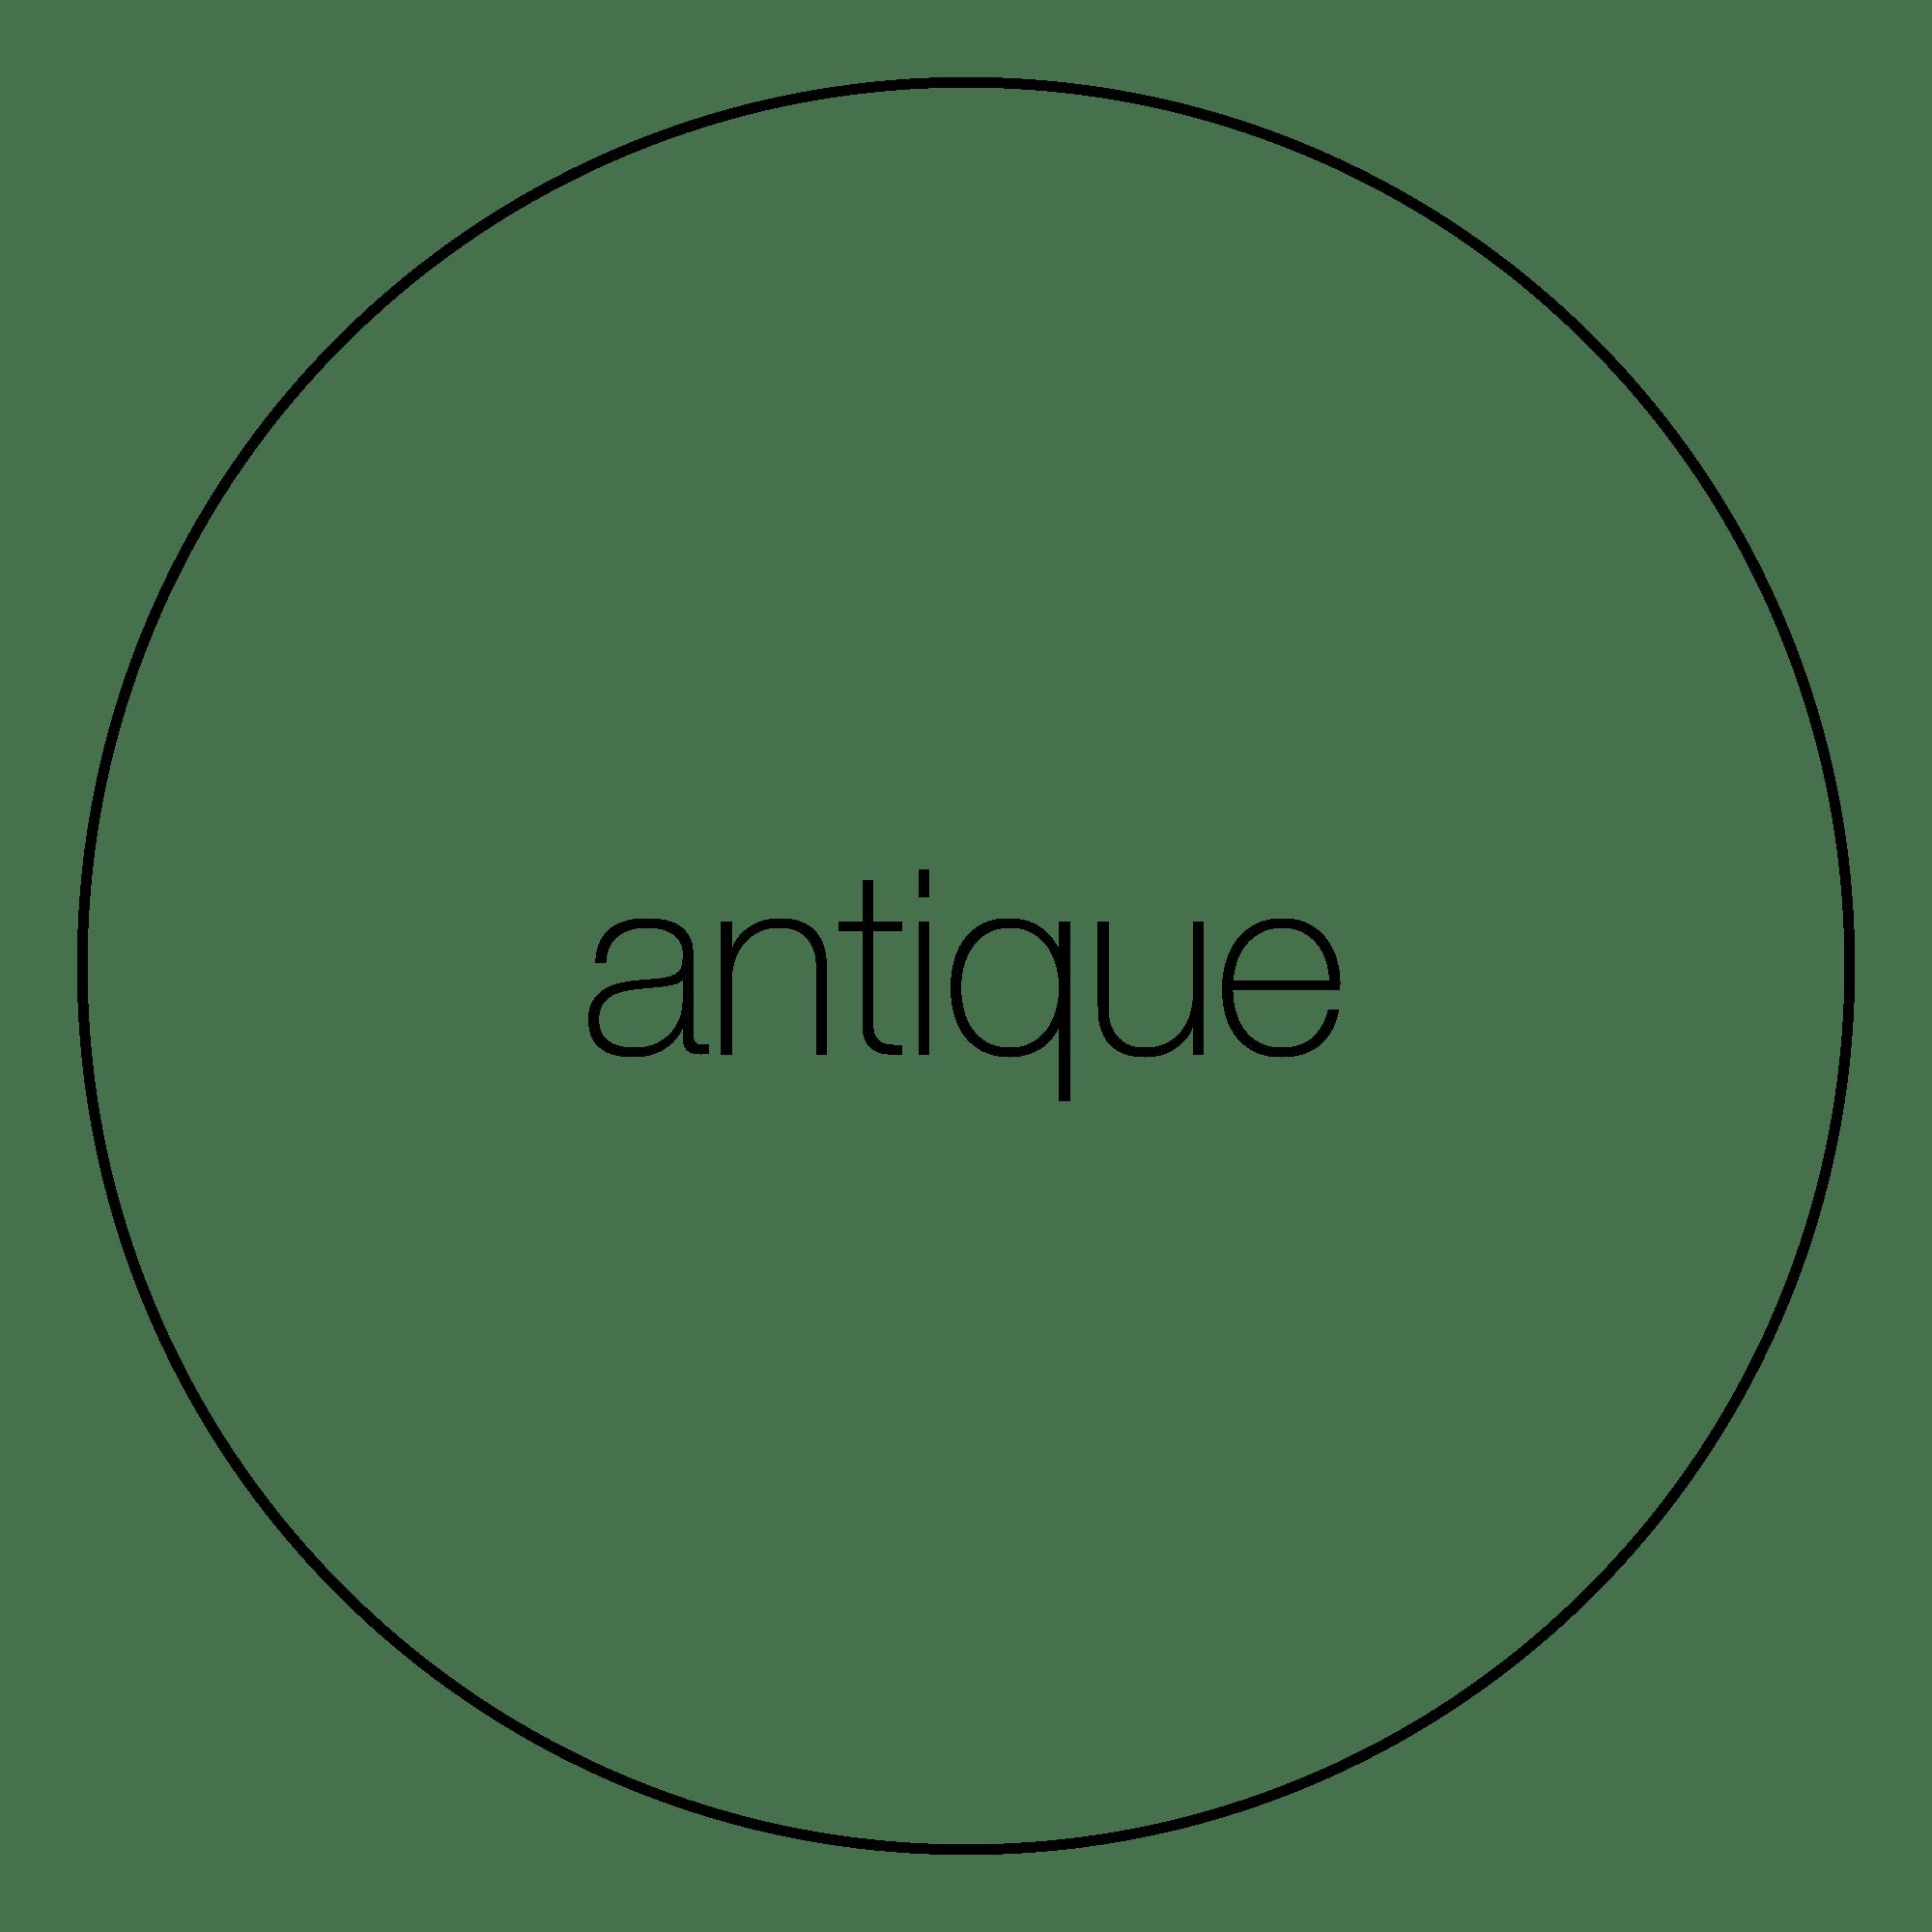 attribute-age-antique